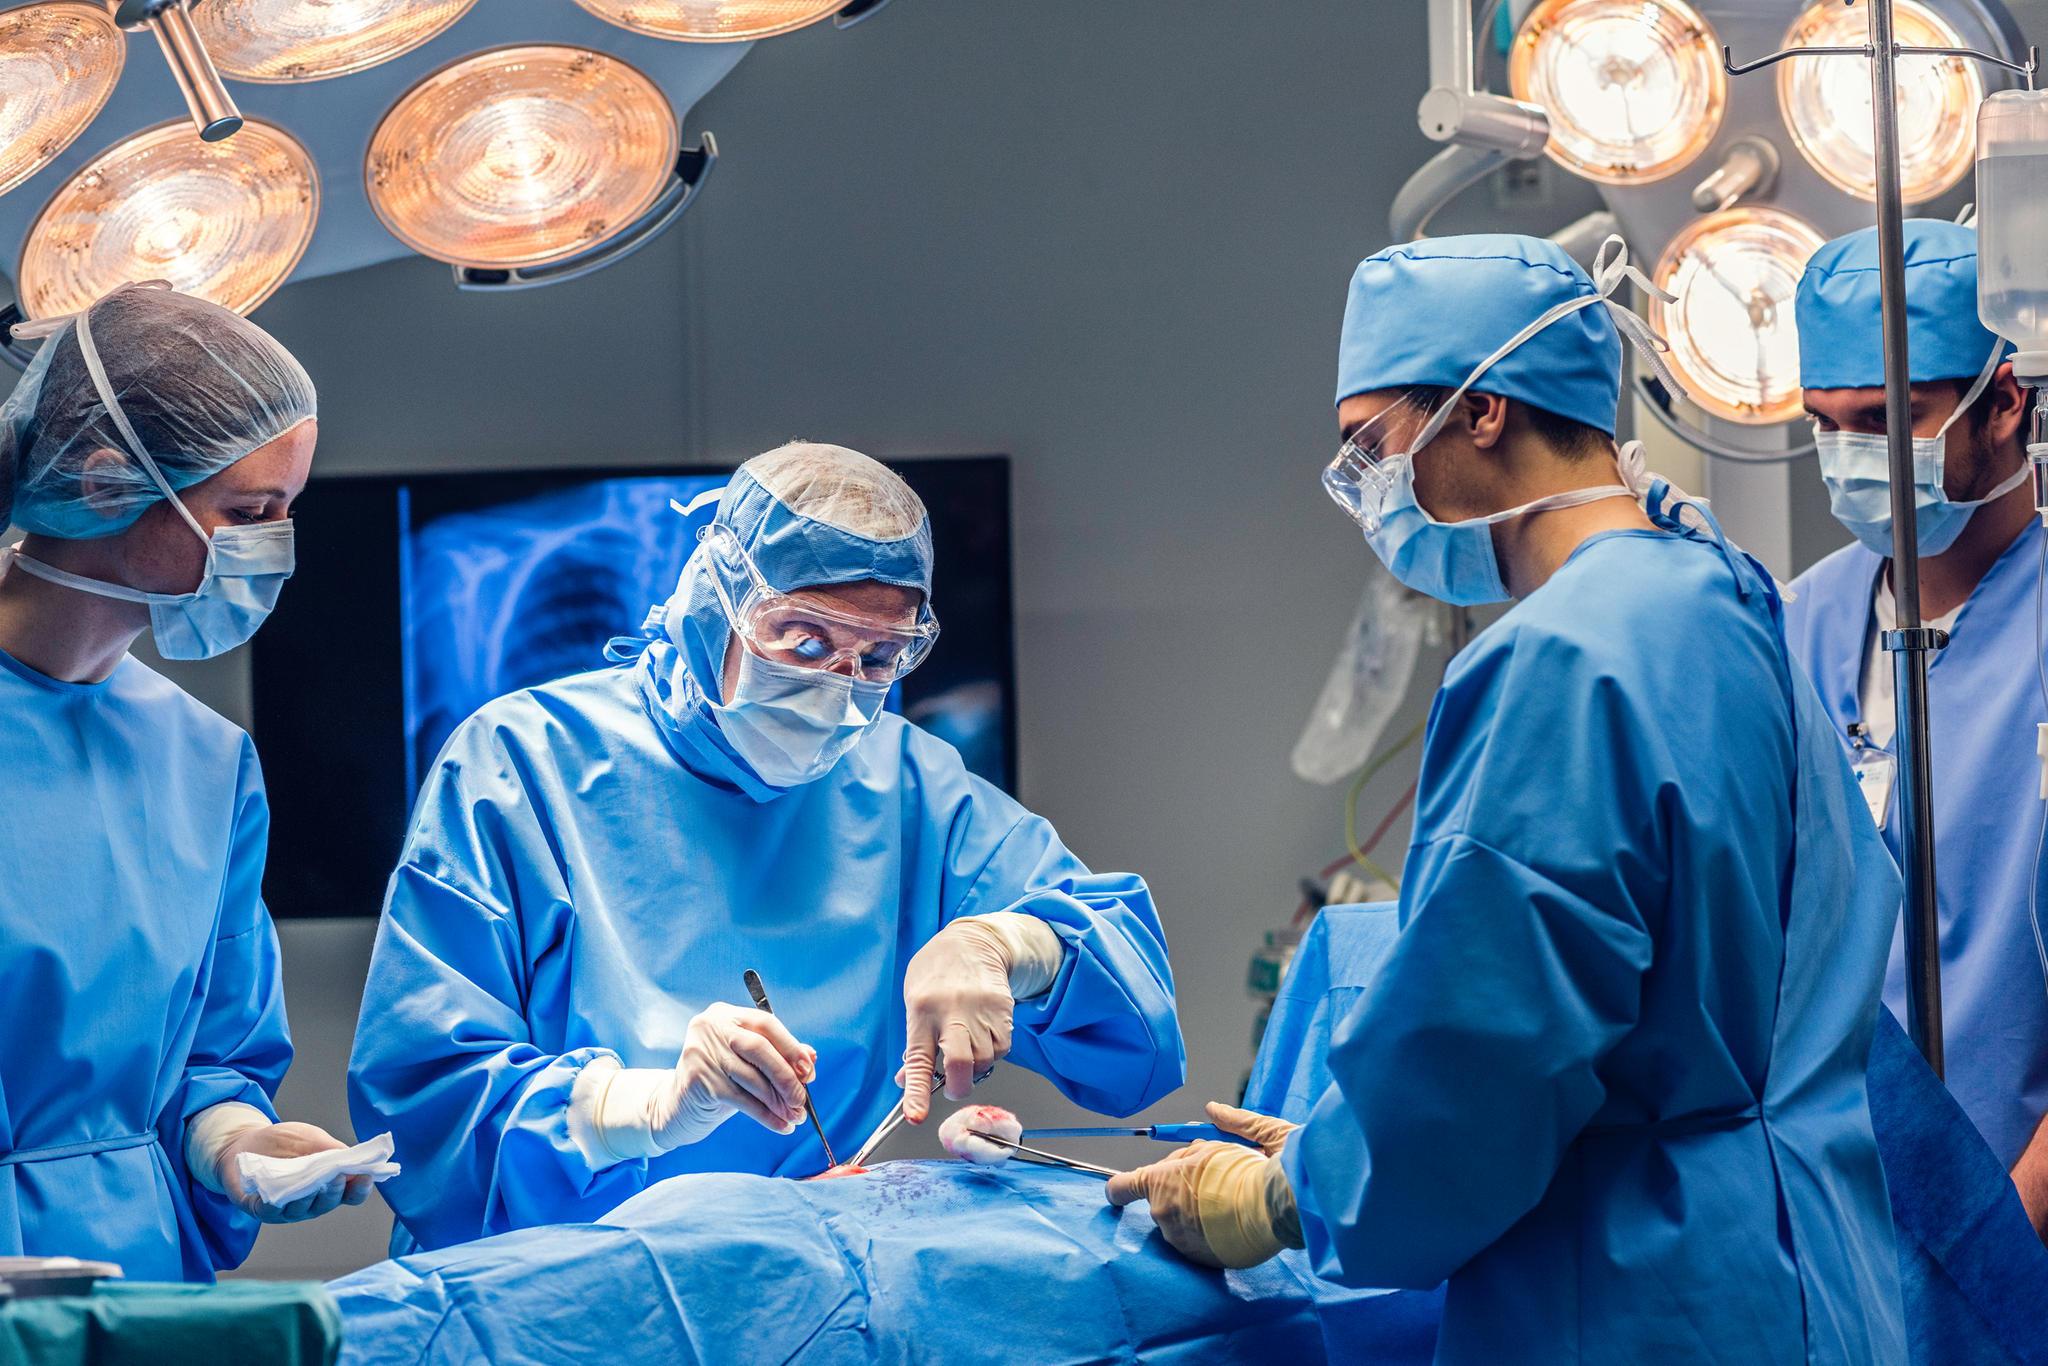 Arzt: Was verdienen Mediziner in Kliniken und Krankenhäusern? | STERN.de